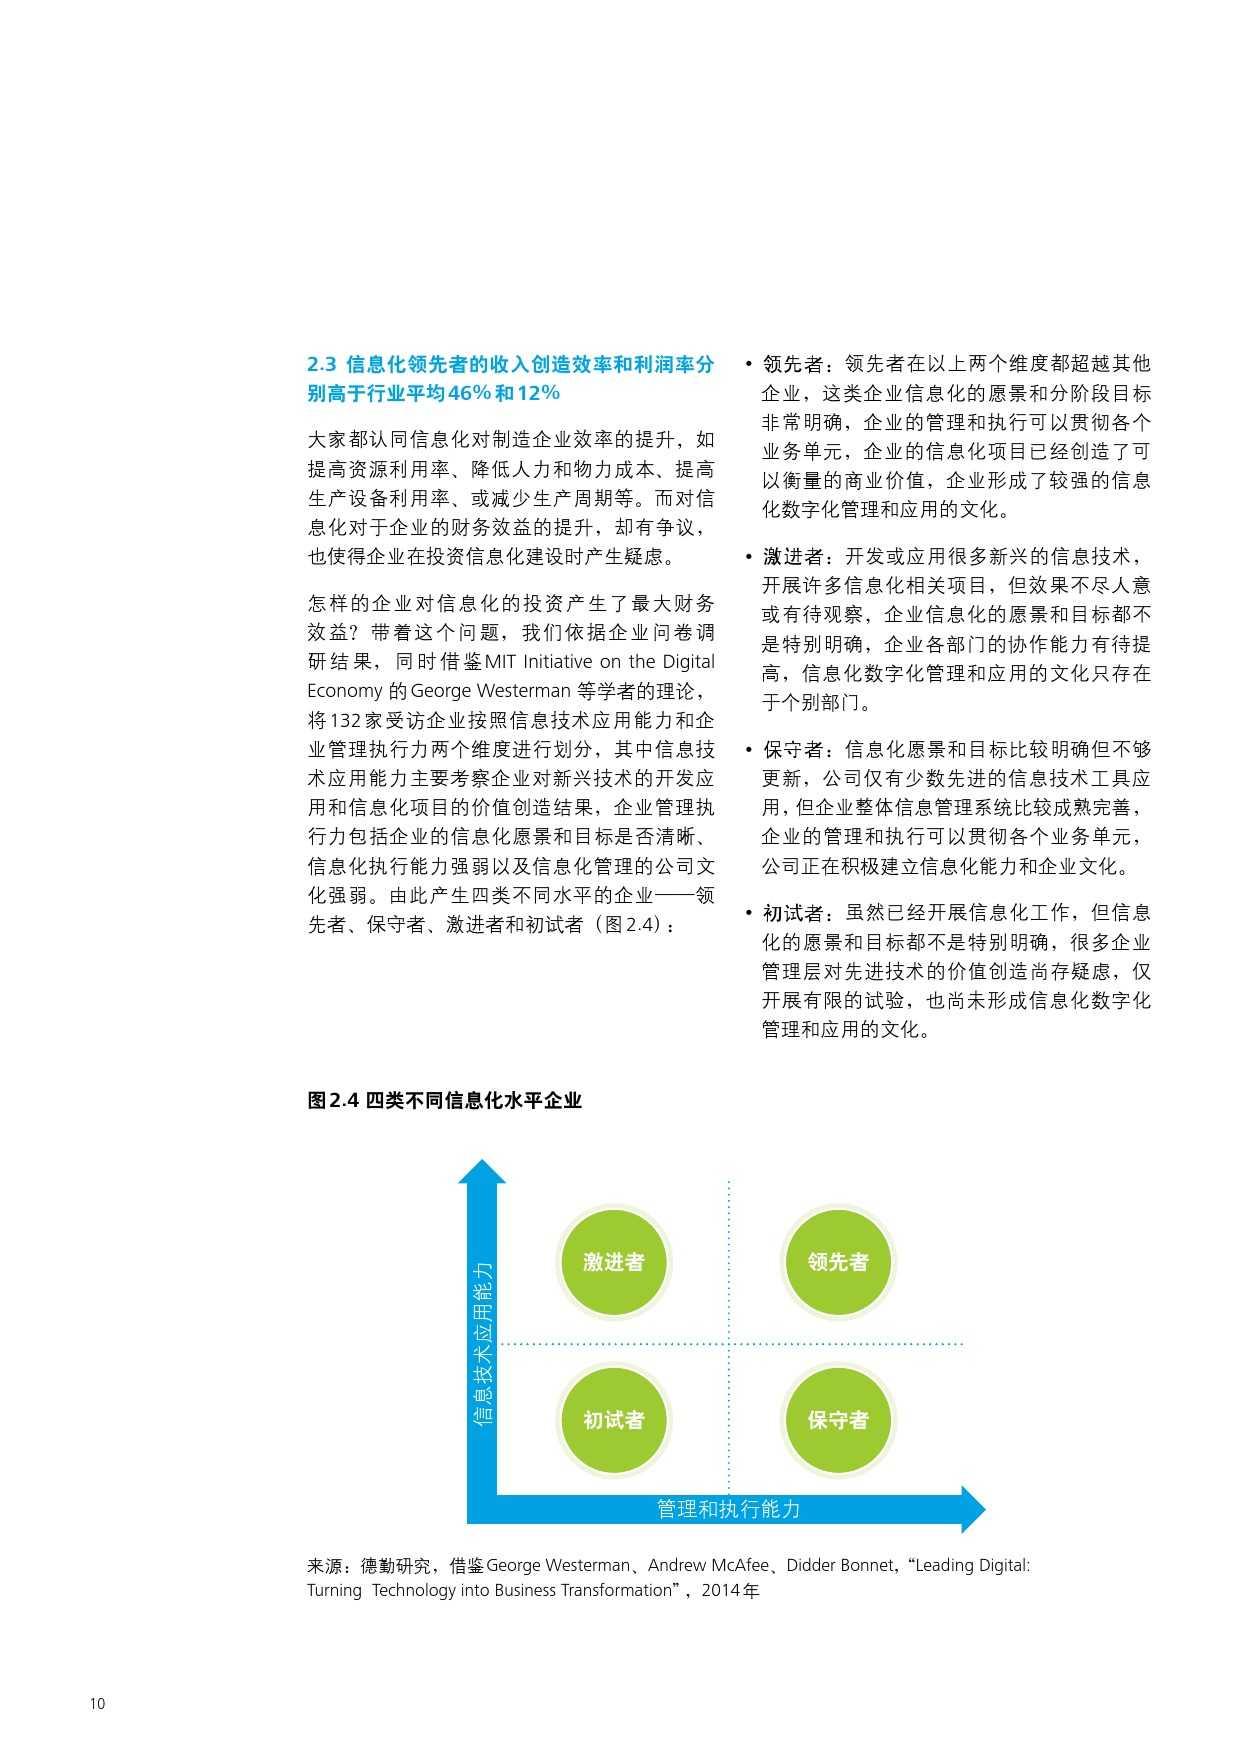 2015年中国制造业企业信息化调查_000012